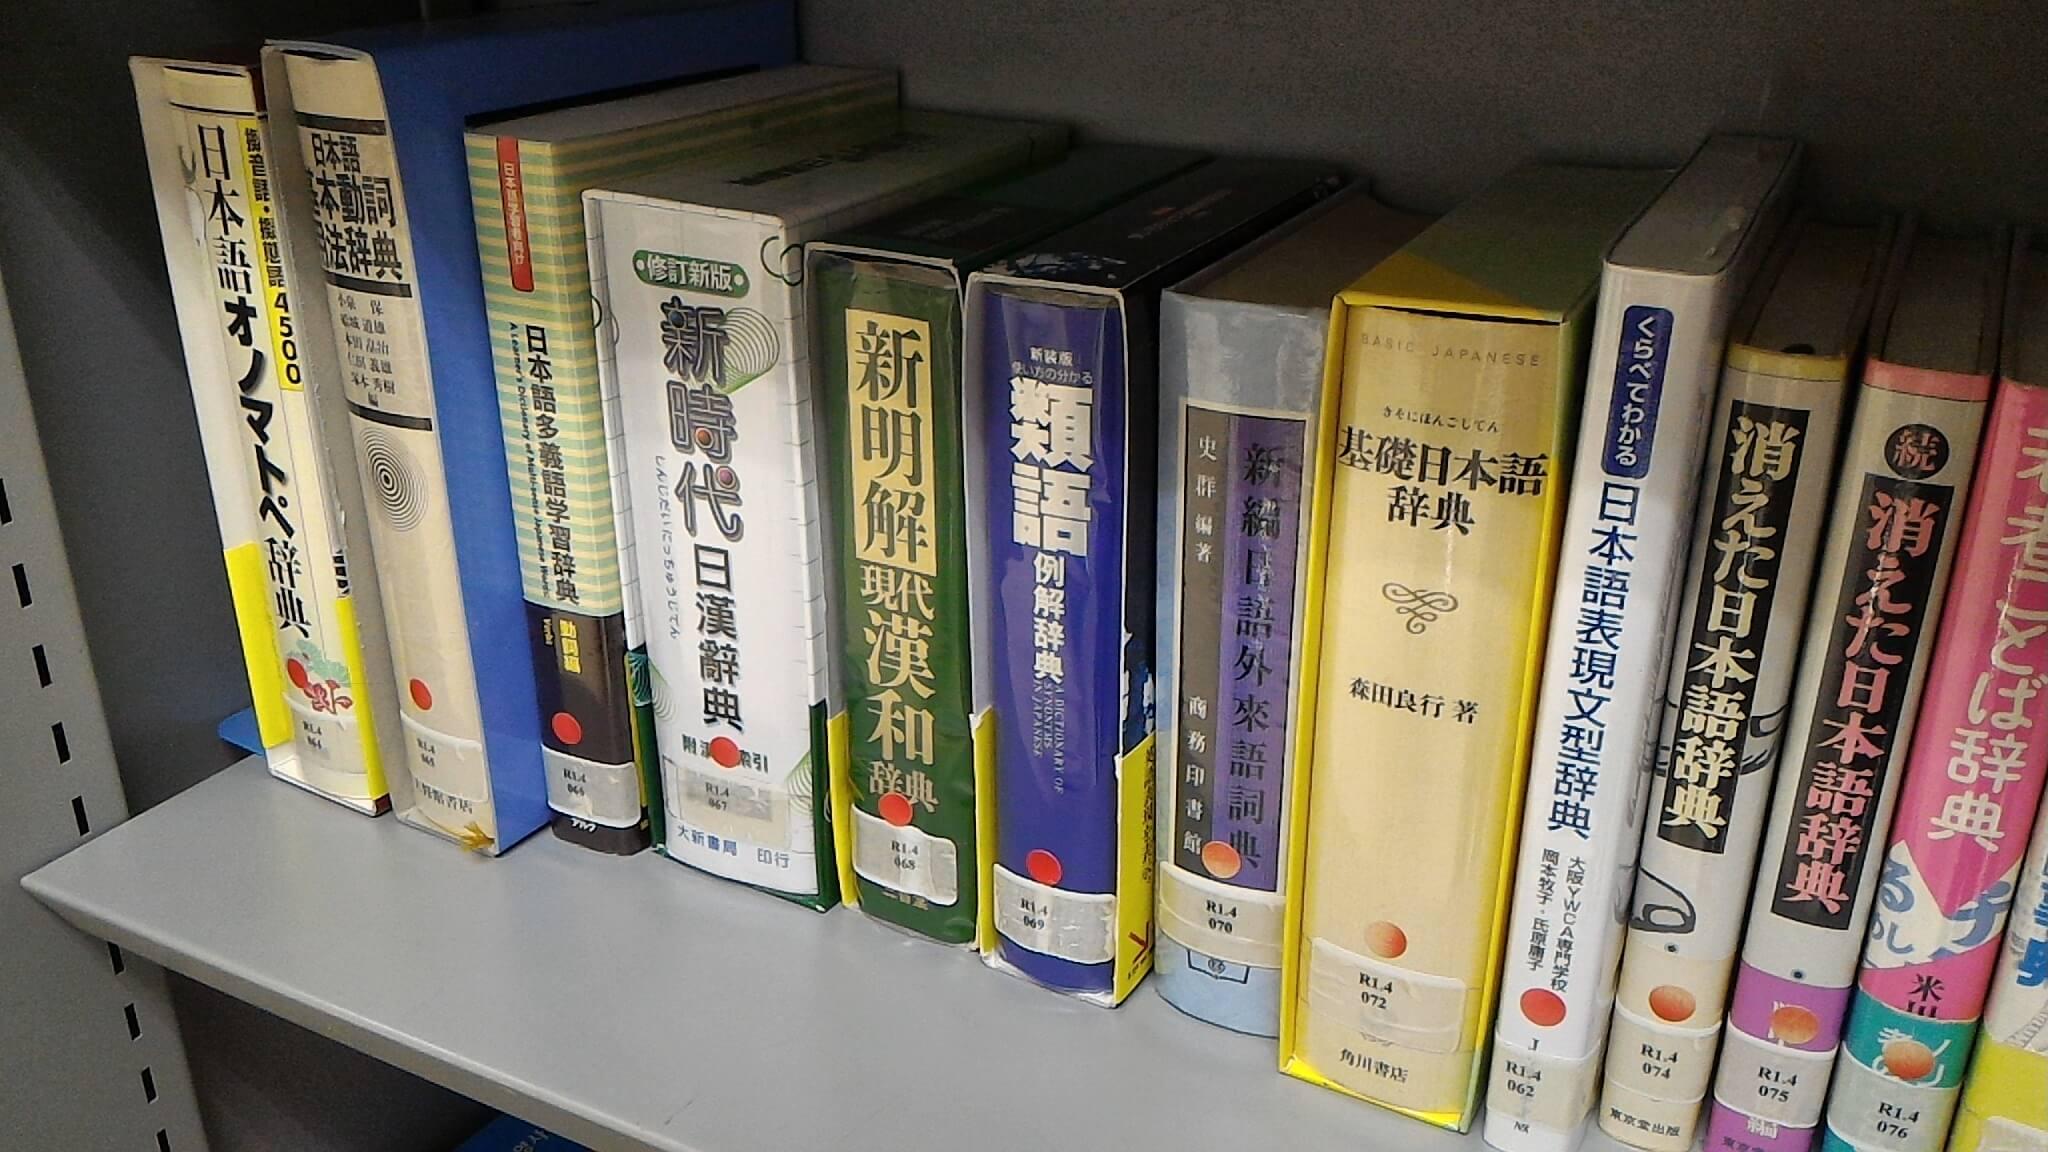 Bingung Mencari Sumber Berita Dalam Bahasa Jepang Yang Mudah Untuk Dipelajari ? Artforia Berikan Rekomendasinya Disini !